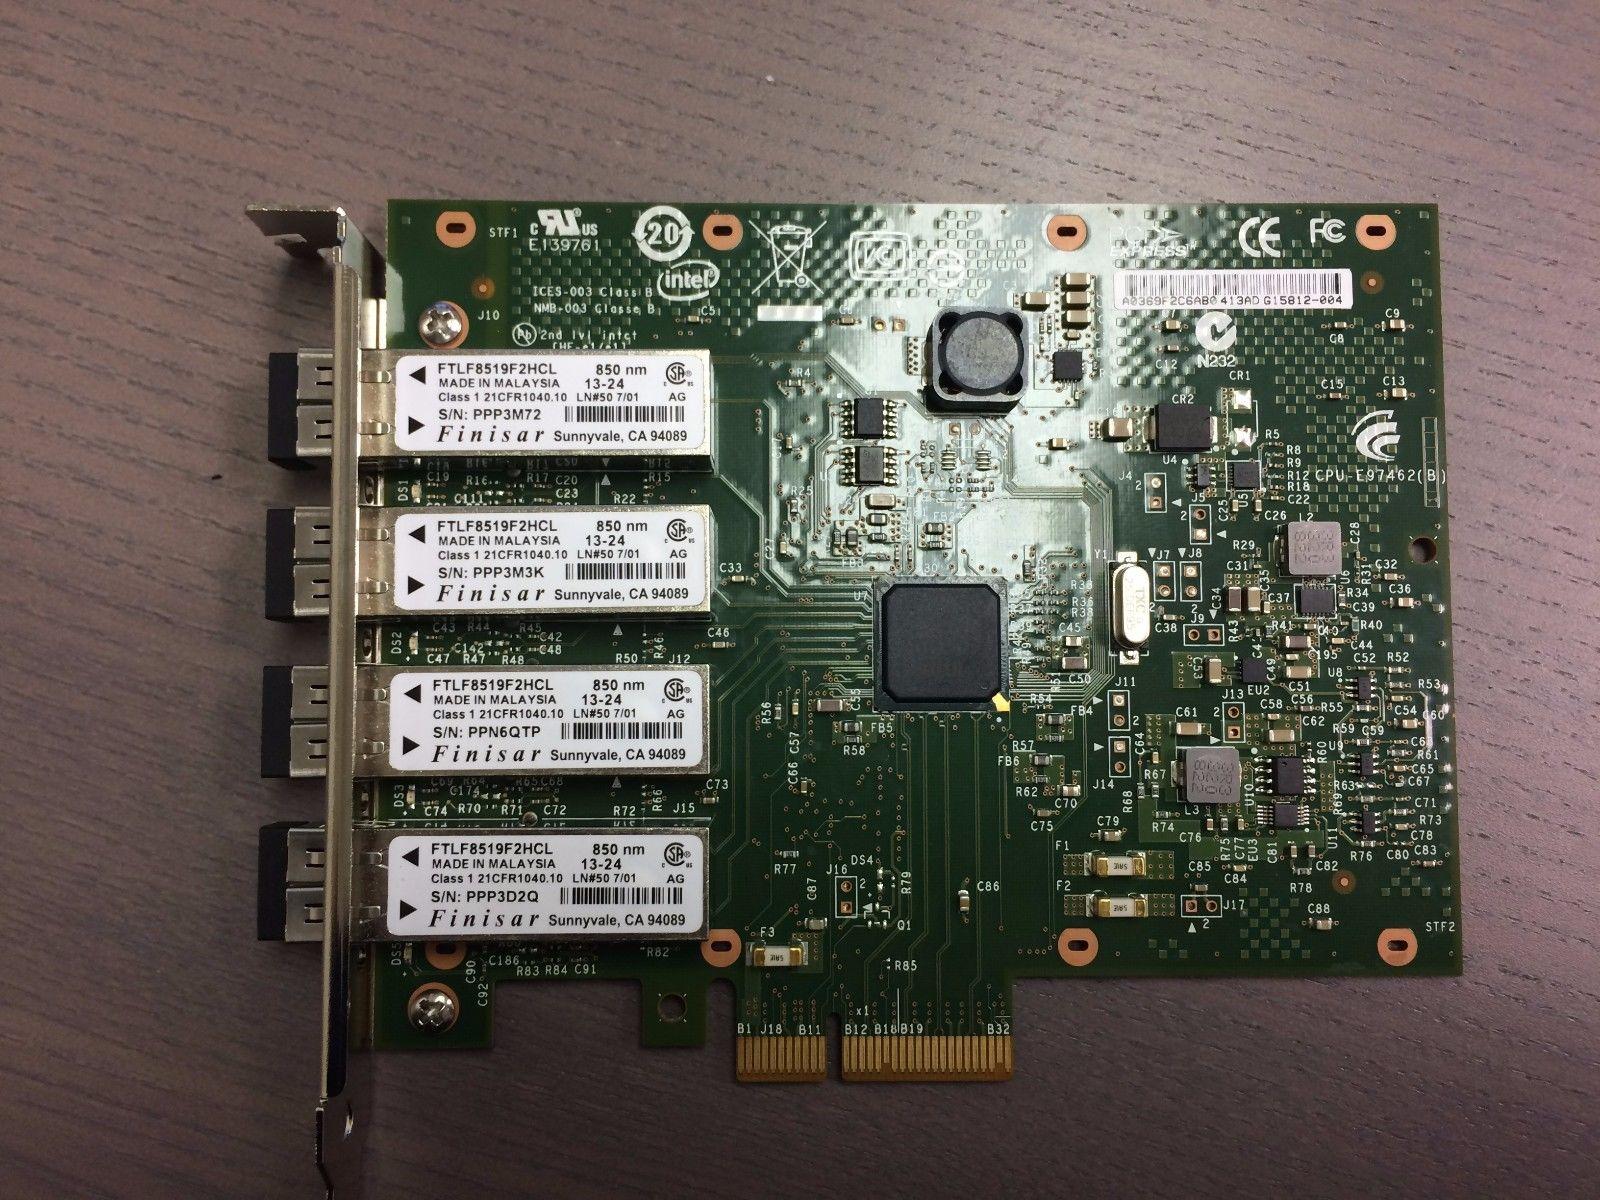 DELL Server Intel Ethernet Server DELL Adapter I350 F4 M54XX   Deals   Pinterest 2ade95